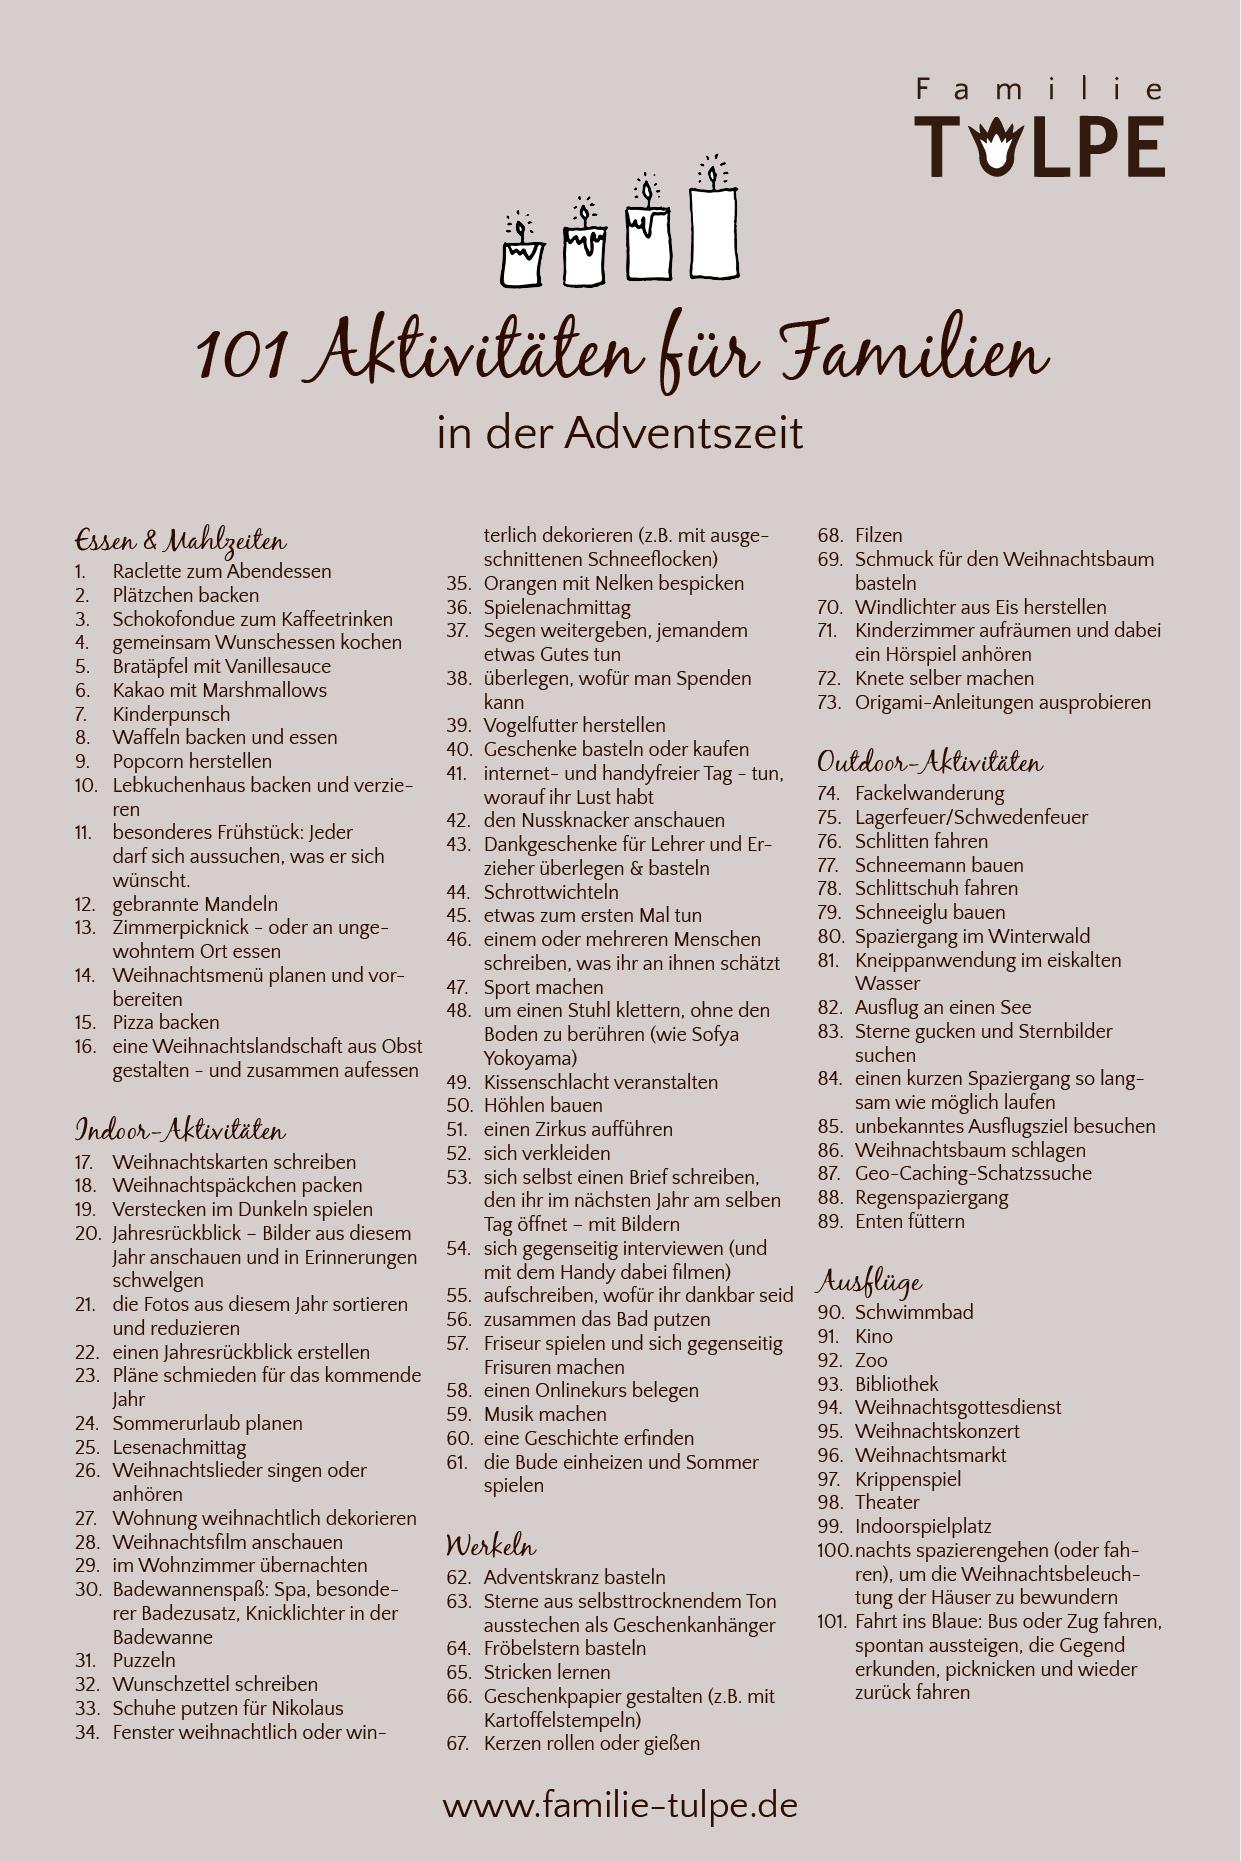 Aktivitäten-Adventskalender_101 Aktivitäten für Familien in der Adventszeit